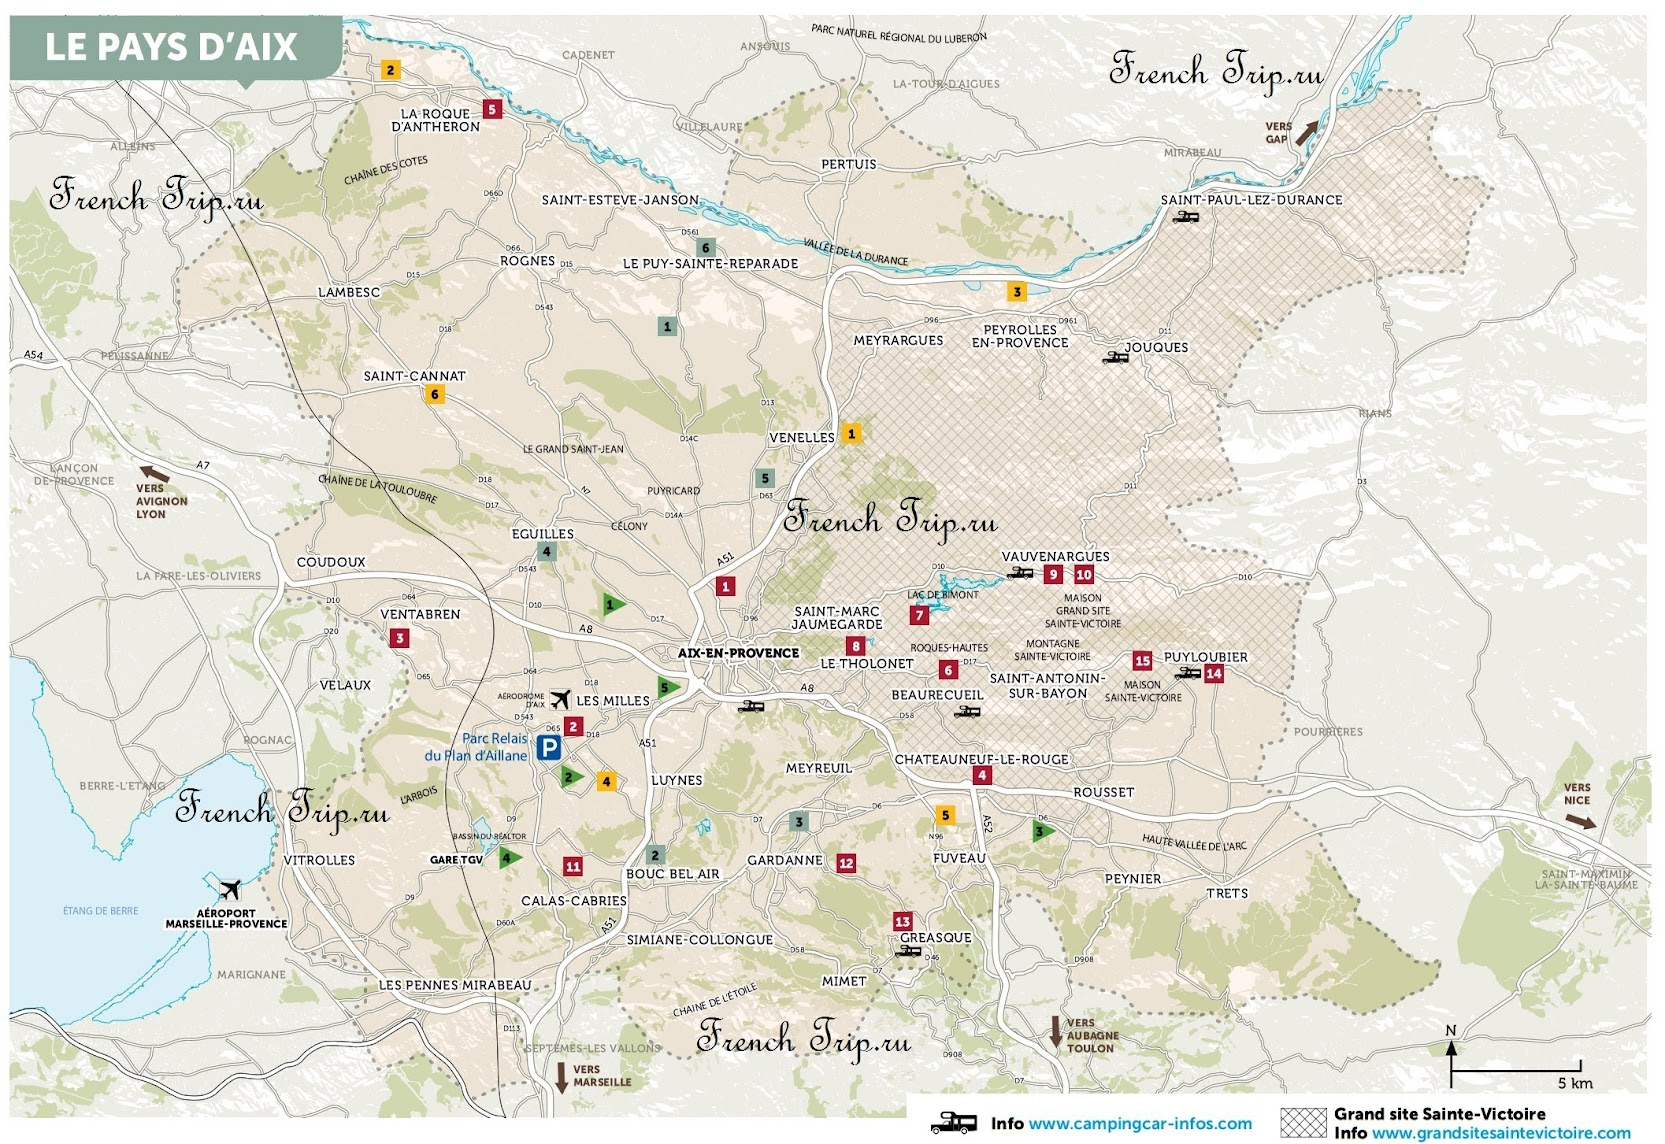 Достопримечательности вокруг Экс-ан-Прованса на карте - Что посмотреть с детьми вокруг Экс-ан-Прованса, достопримечательности и парки для детей в окрестностях Экс-ан-Прованса (Aix-en-Provence), путеводитель Экс-ан-Прованс, вокруг Экс-ан-Прованс, в окрестностях Экс-ан-Прованс, с детьми в Экс-ан-Прованс, для детей Экс-ан-Прованс, детские парки Экс-ан-Прованс, детские музеи Экс-ан-Прованс, достопримечательности Экс-ан-Прованс, Прованс для детей, Франция для детей, путеводитель по Франции, путеводитель по Провансу